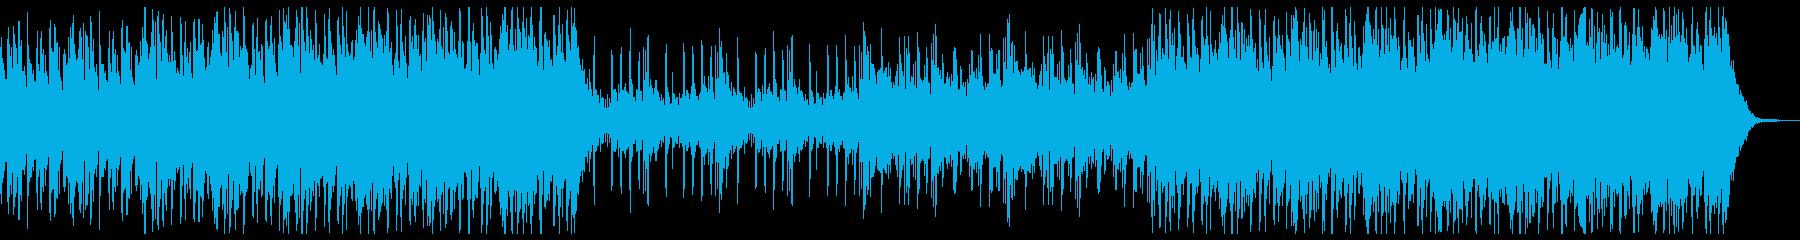 形成逆転して優勢に転じそうなBGMの再生済みの波形